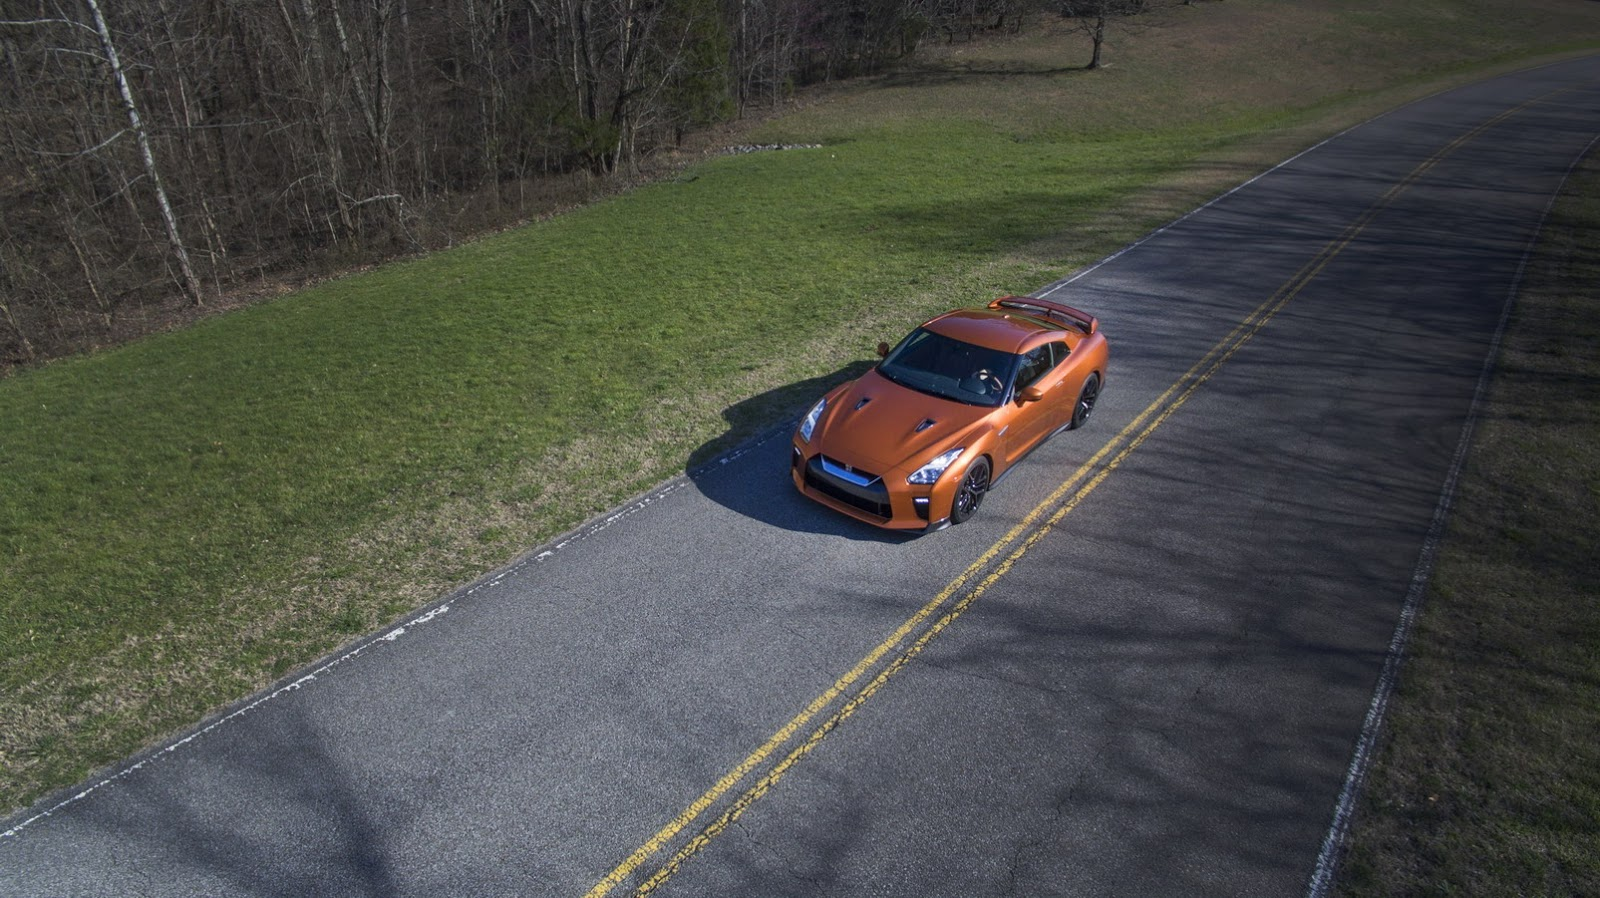 Đánh giá siêu xe Nissan GT-R 2017 - Chính thức trình làng